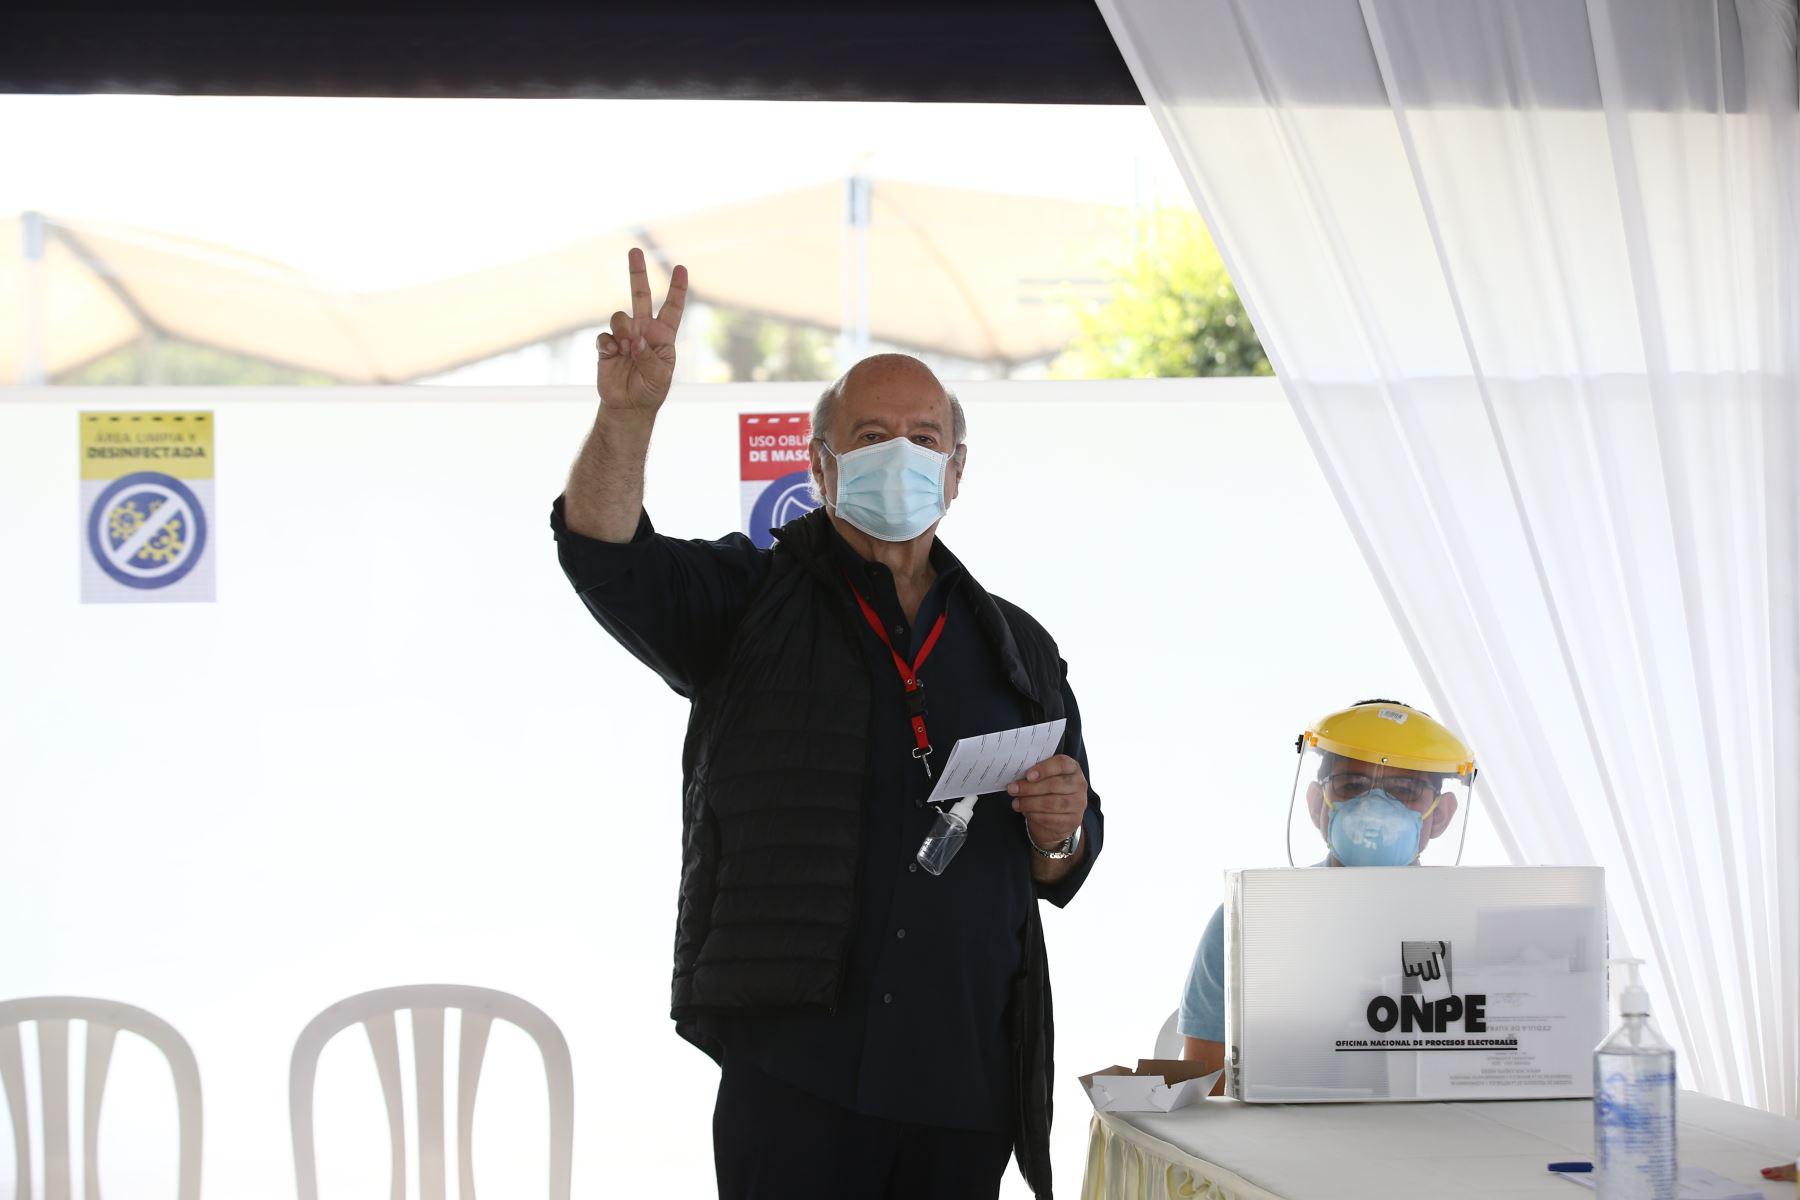 LIMA (PERÚ), 11/04/2021.-El candidato presidencial de Avanza País,  Hernando de Soto, emite su voto en el IEP Nuestra Señora de la Reconciliación, en el distrito de Surco, durante la jornada de las Elecciones Generales 2021.  Foto: ANDINA/Vidal Tarqui